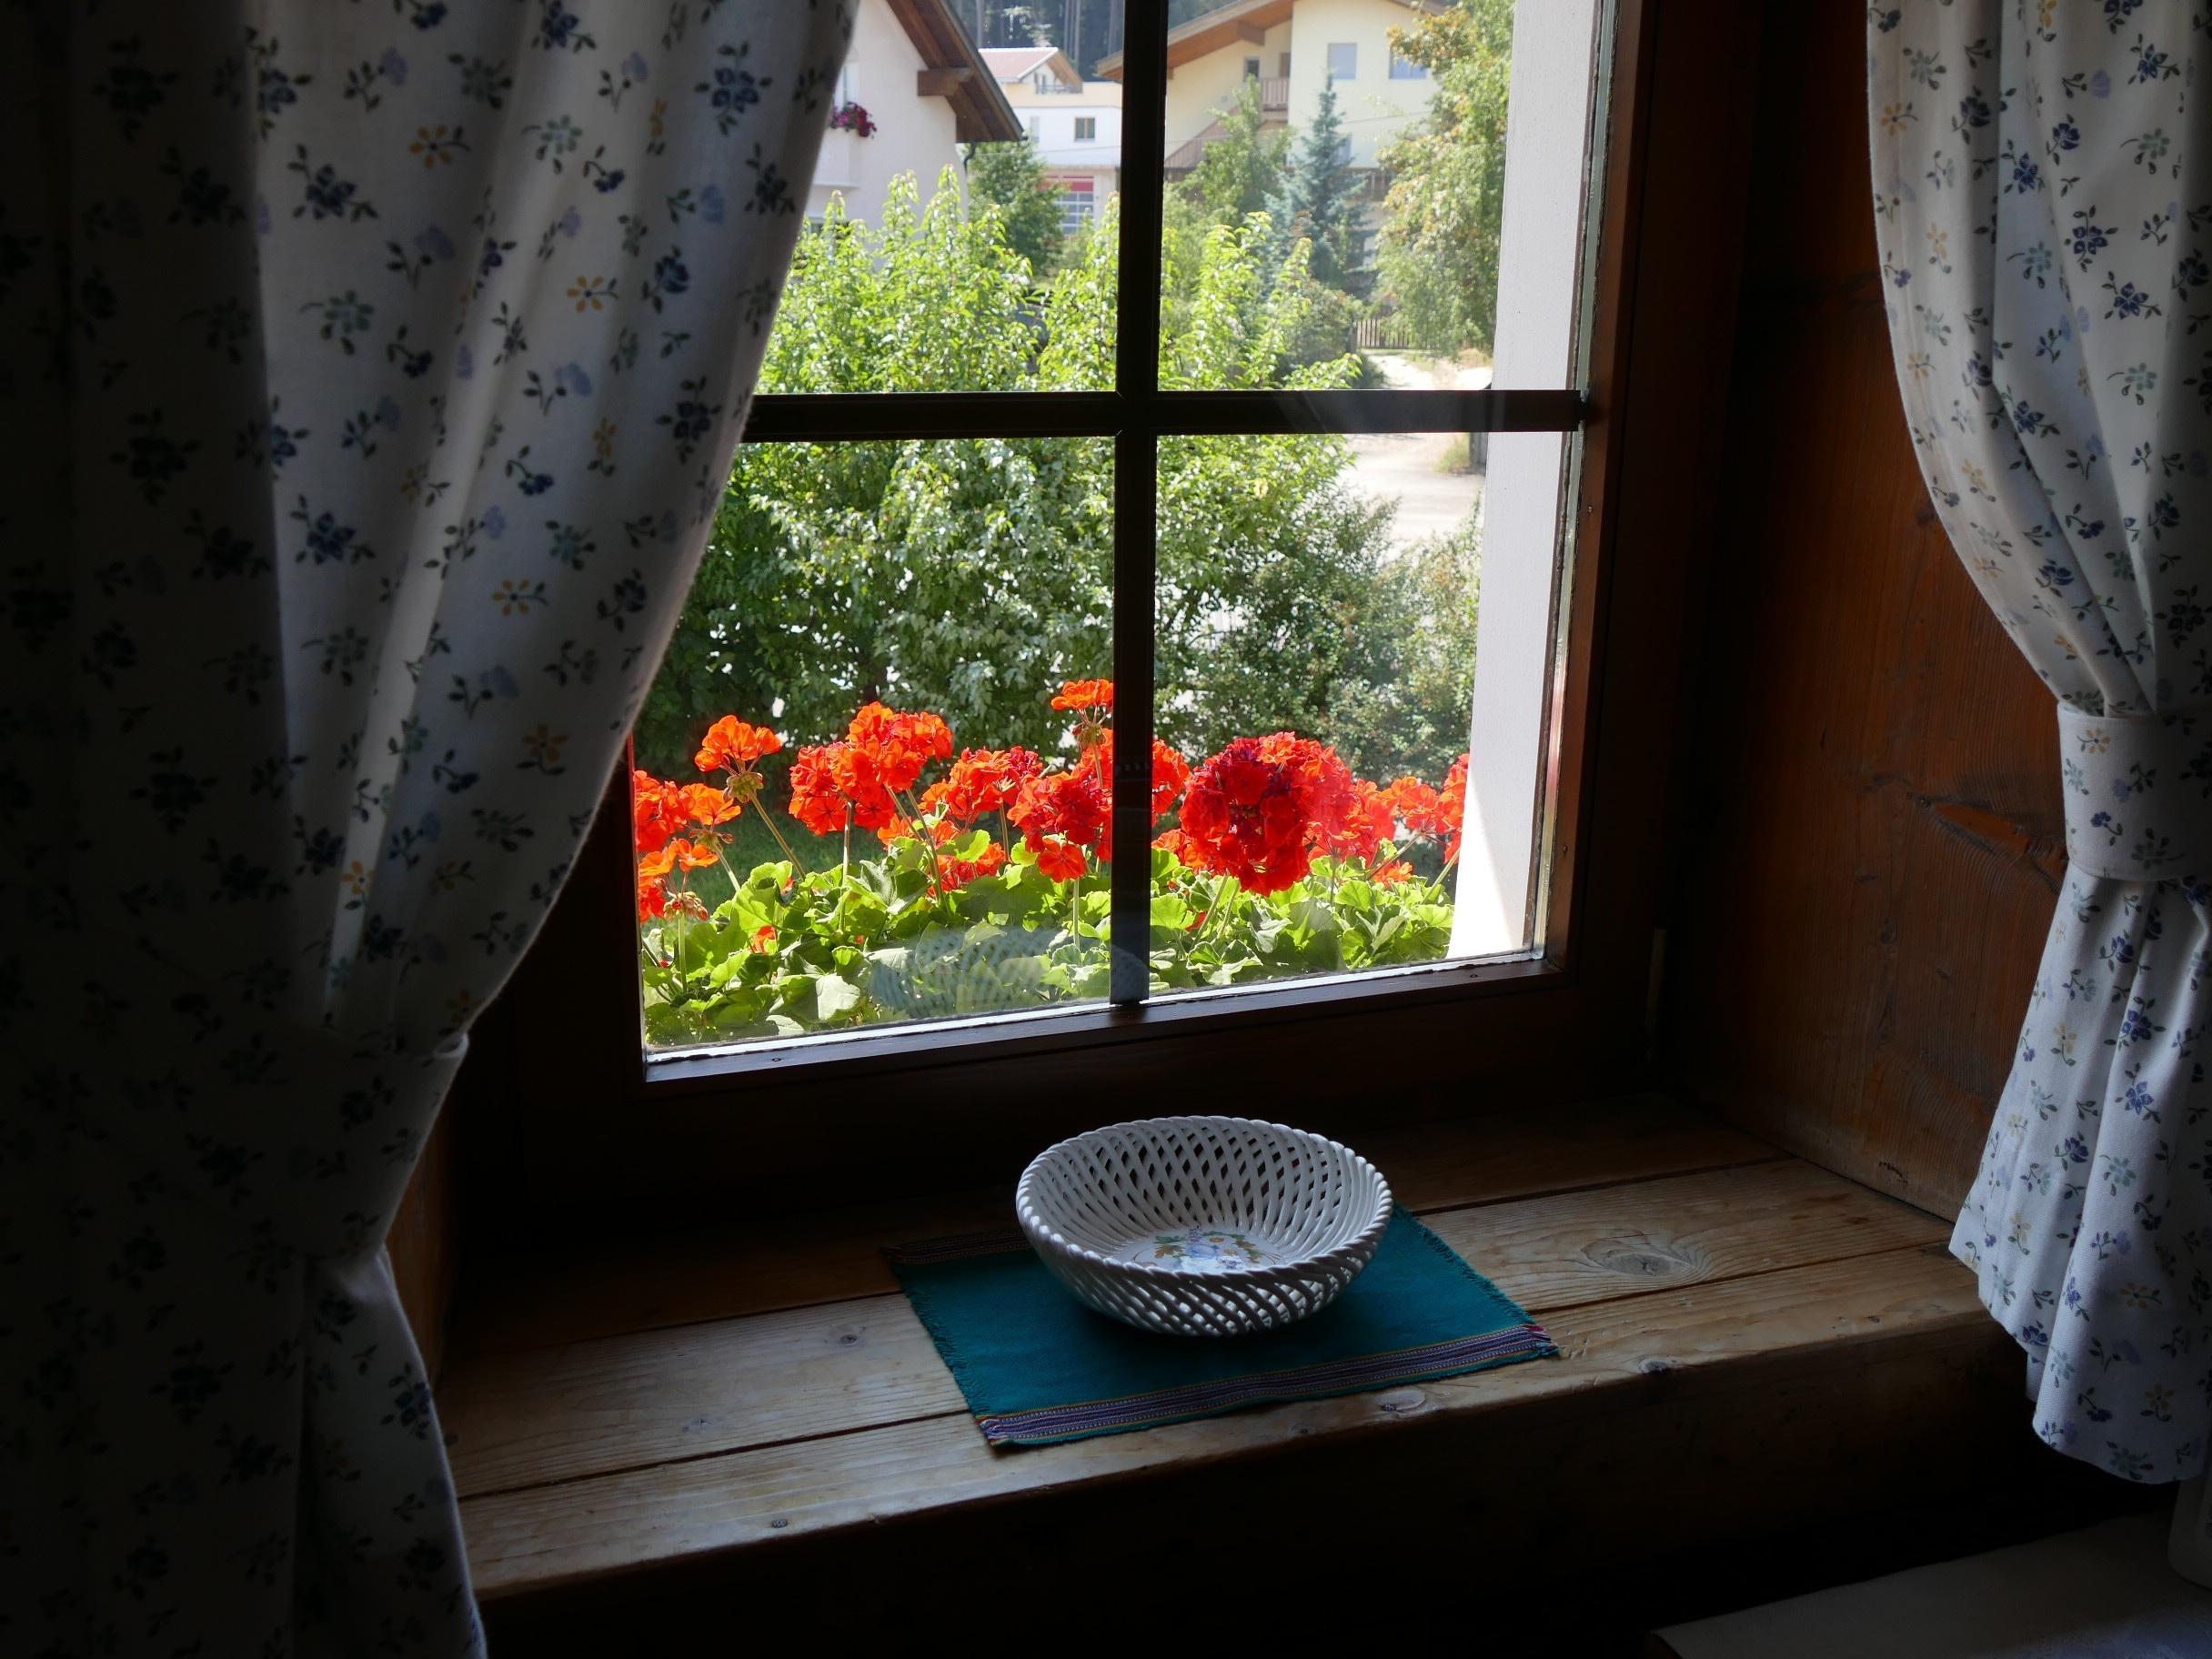 Table maison fleur fenêtre verre maison mur vert rouge couleur bleu salon meubles chambre fleurs design